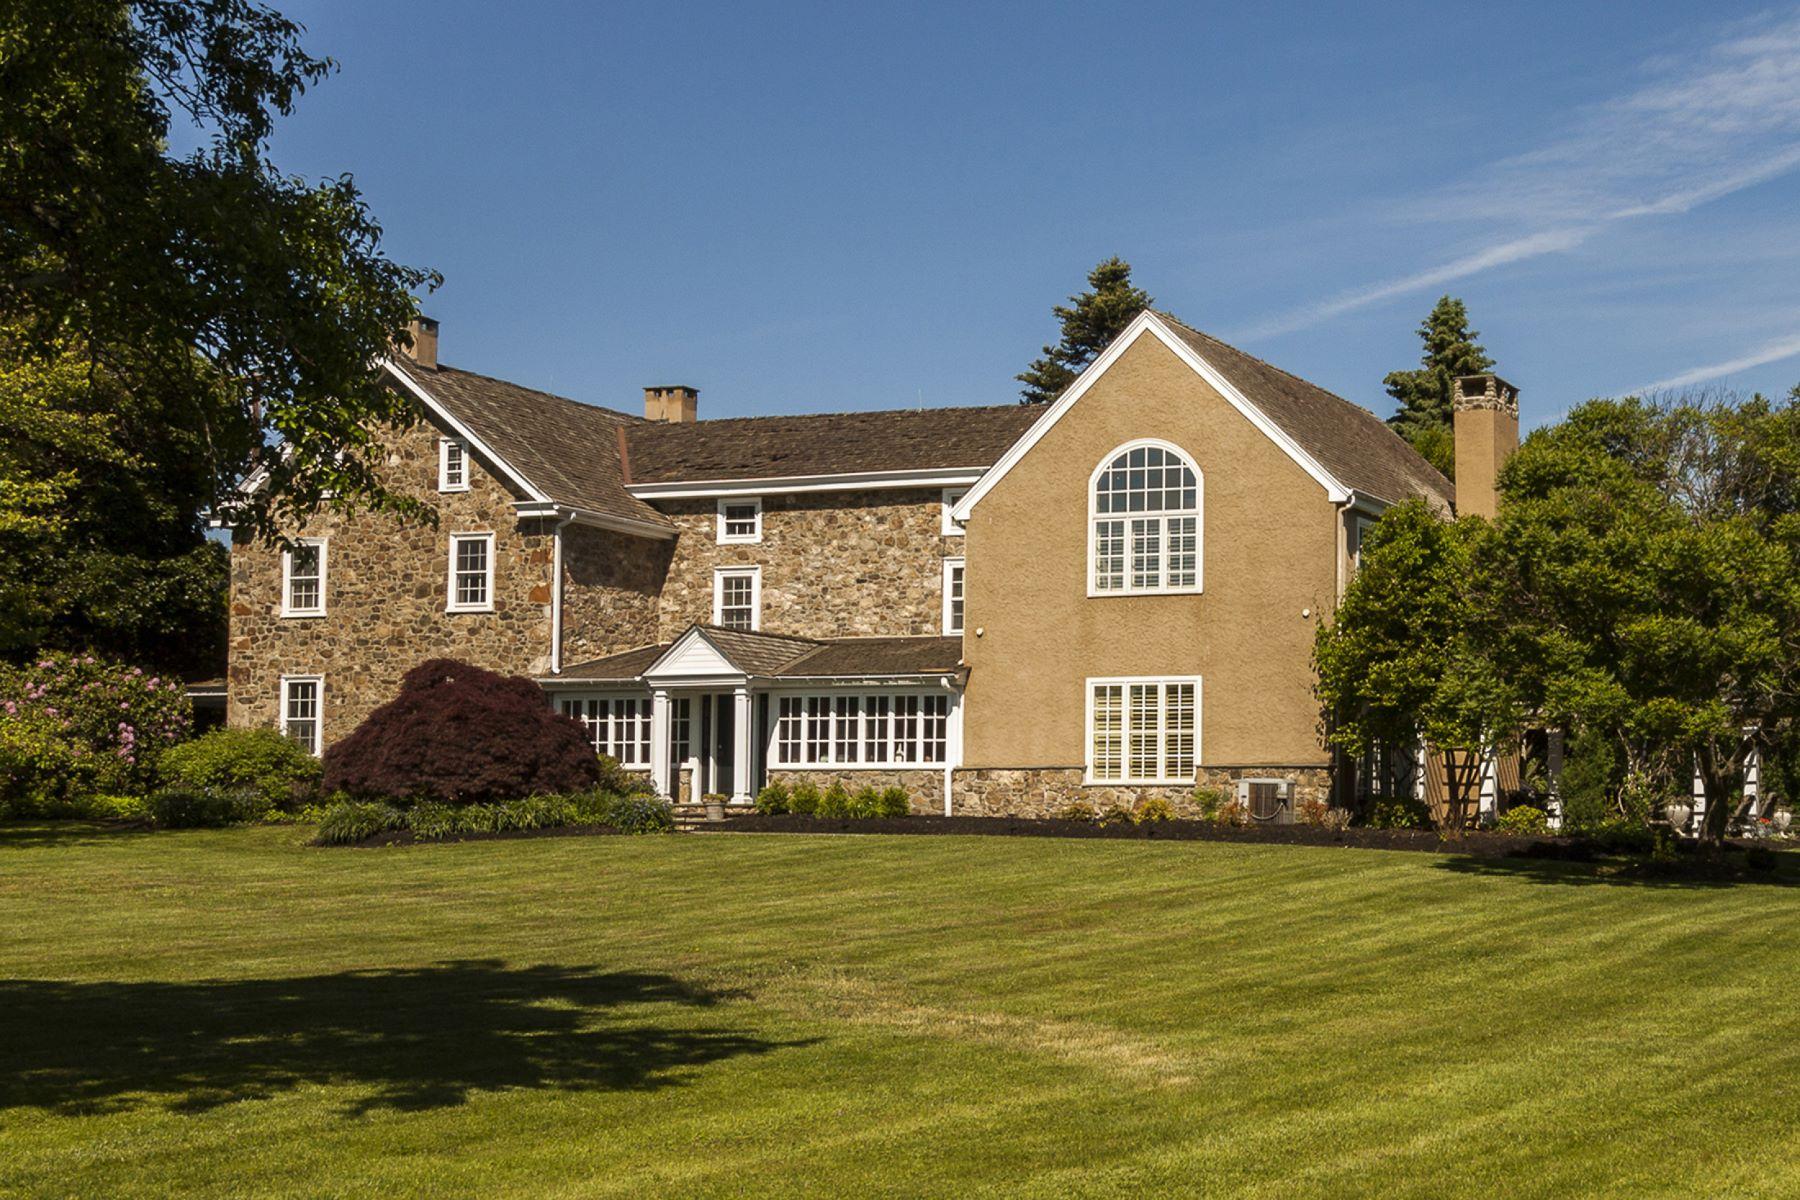 Частный односемейный дом для того Продажа на Three Ponds Farm 2336 PIKELAND RD Malvern, Пенсильвания, 19355 Соединенные Штаты